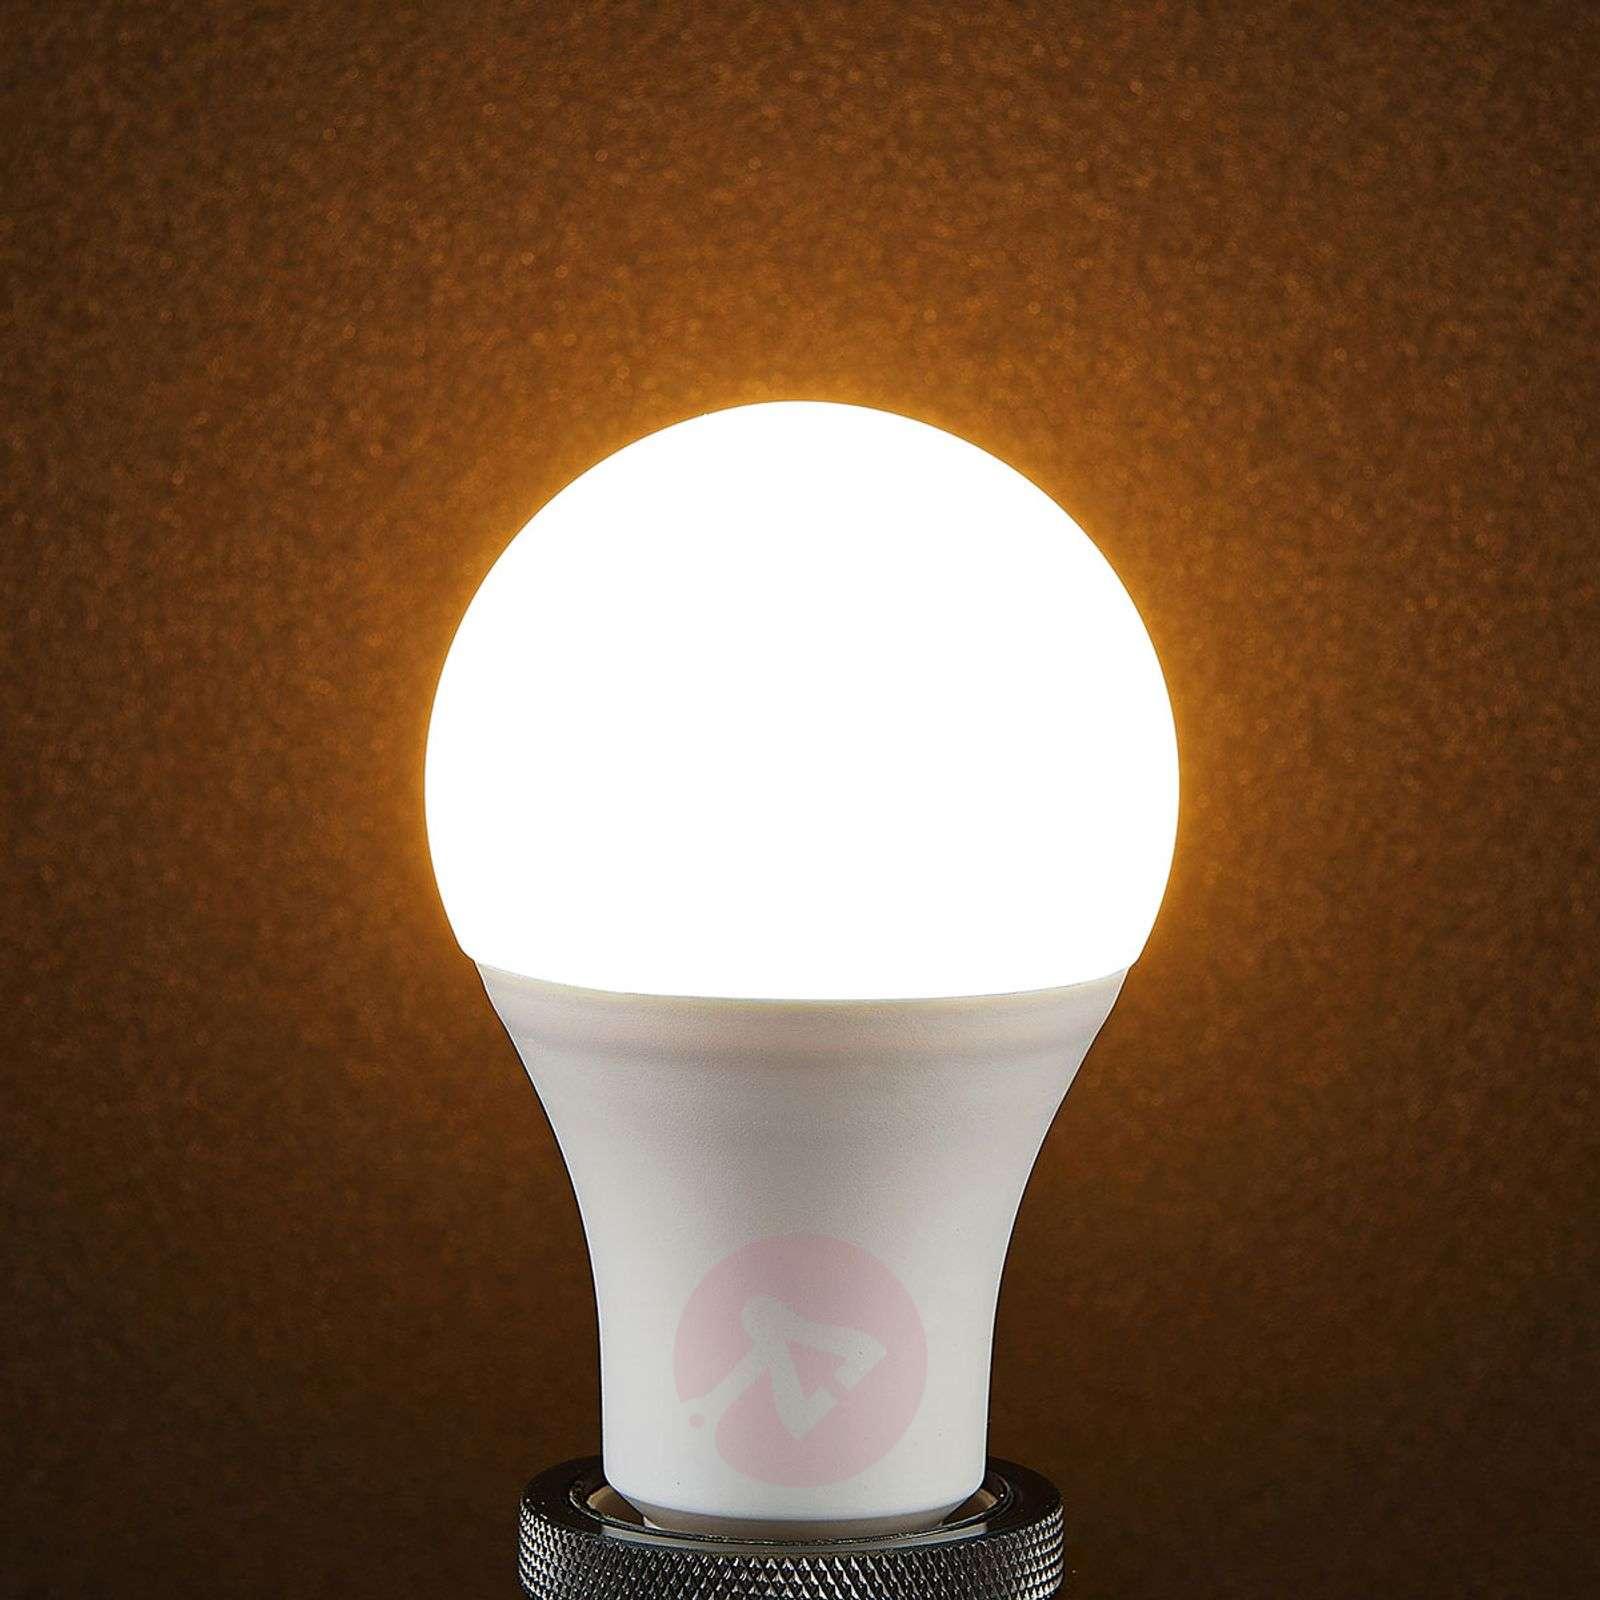 Lindby Smart LED bulb WiFi E27 10 W, 2,700 K, RGB-9971013-09